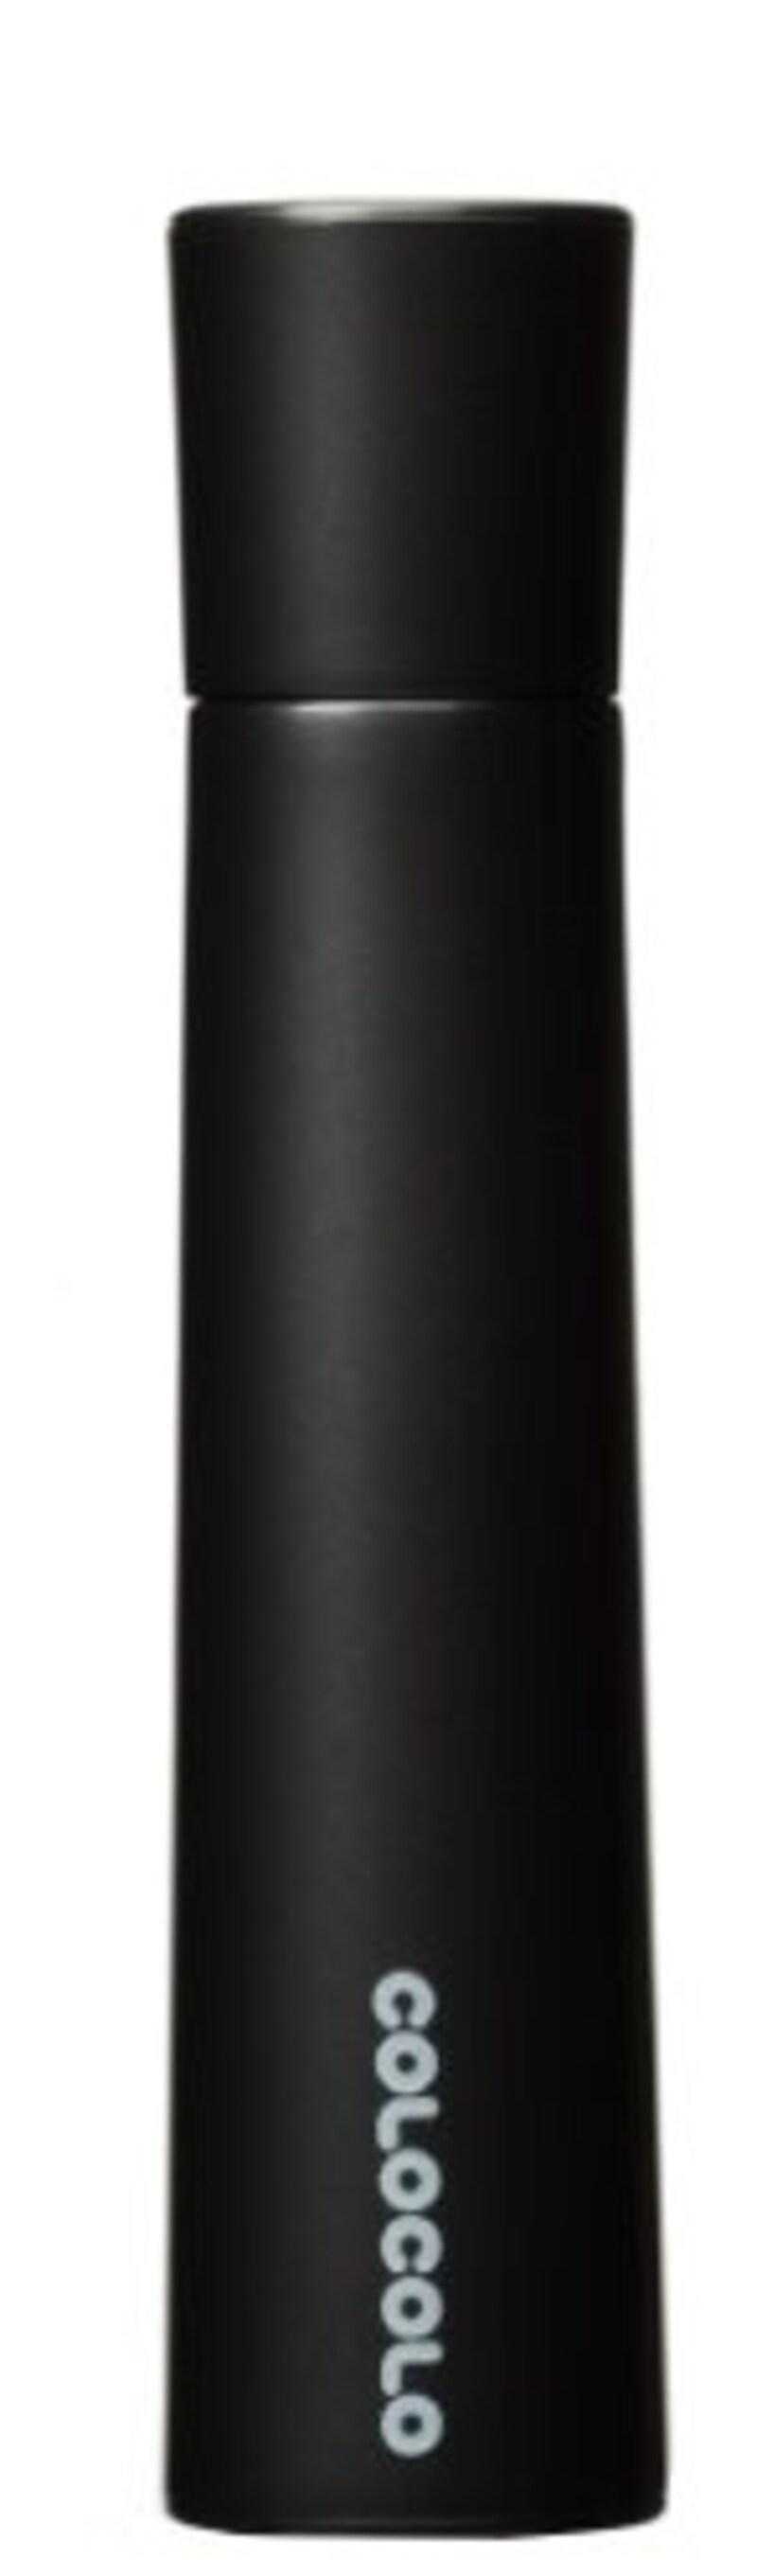 ニトムズ,コロコロ コロフルモバイル,C4503